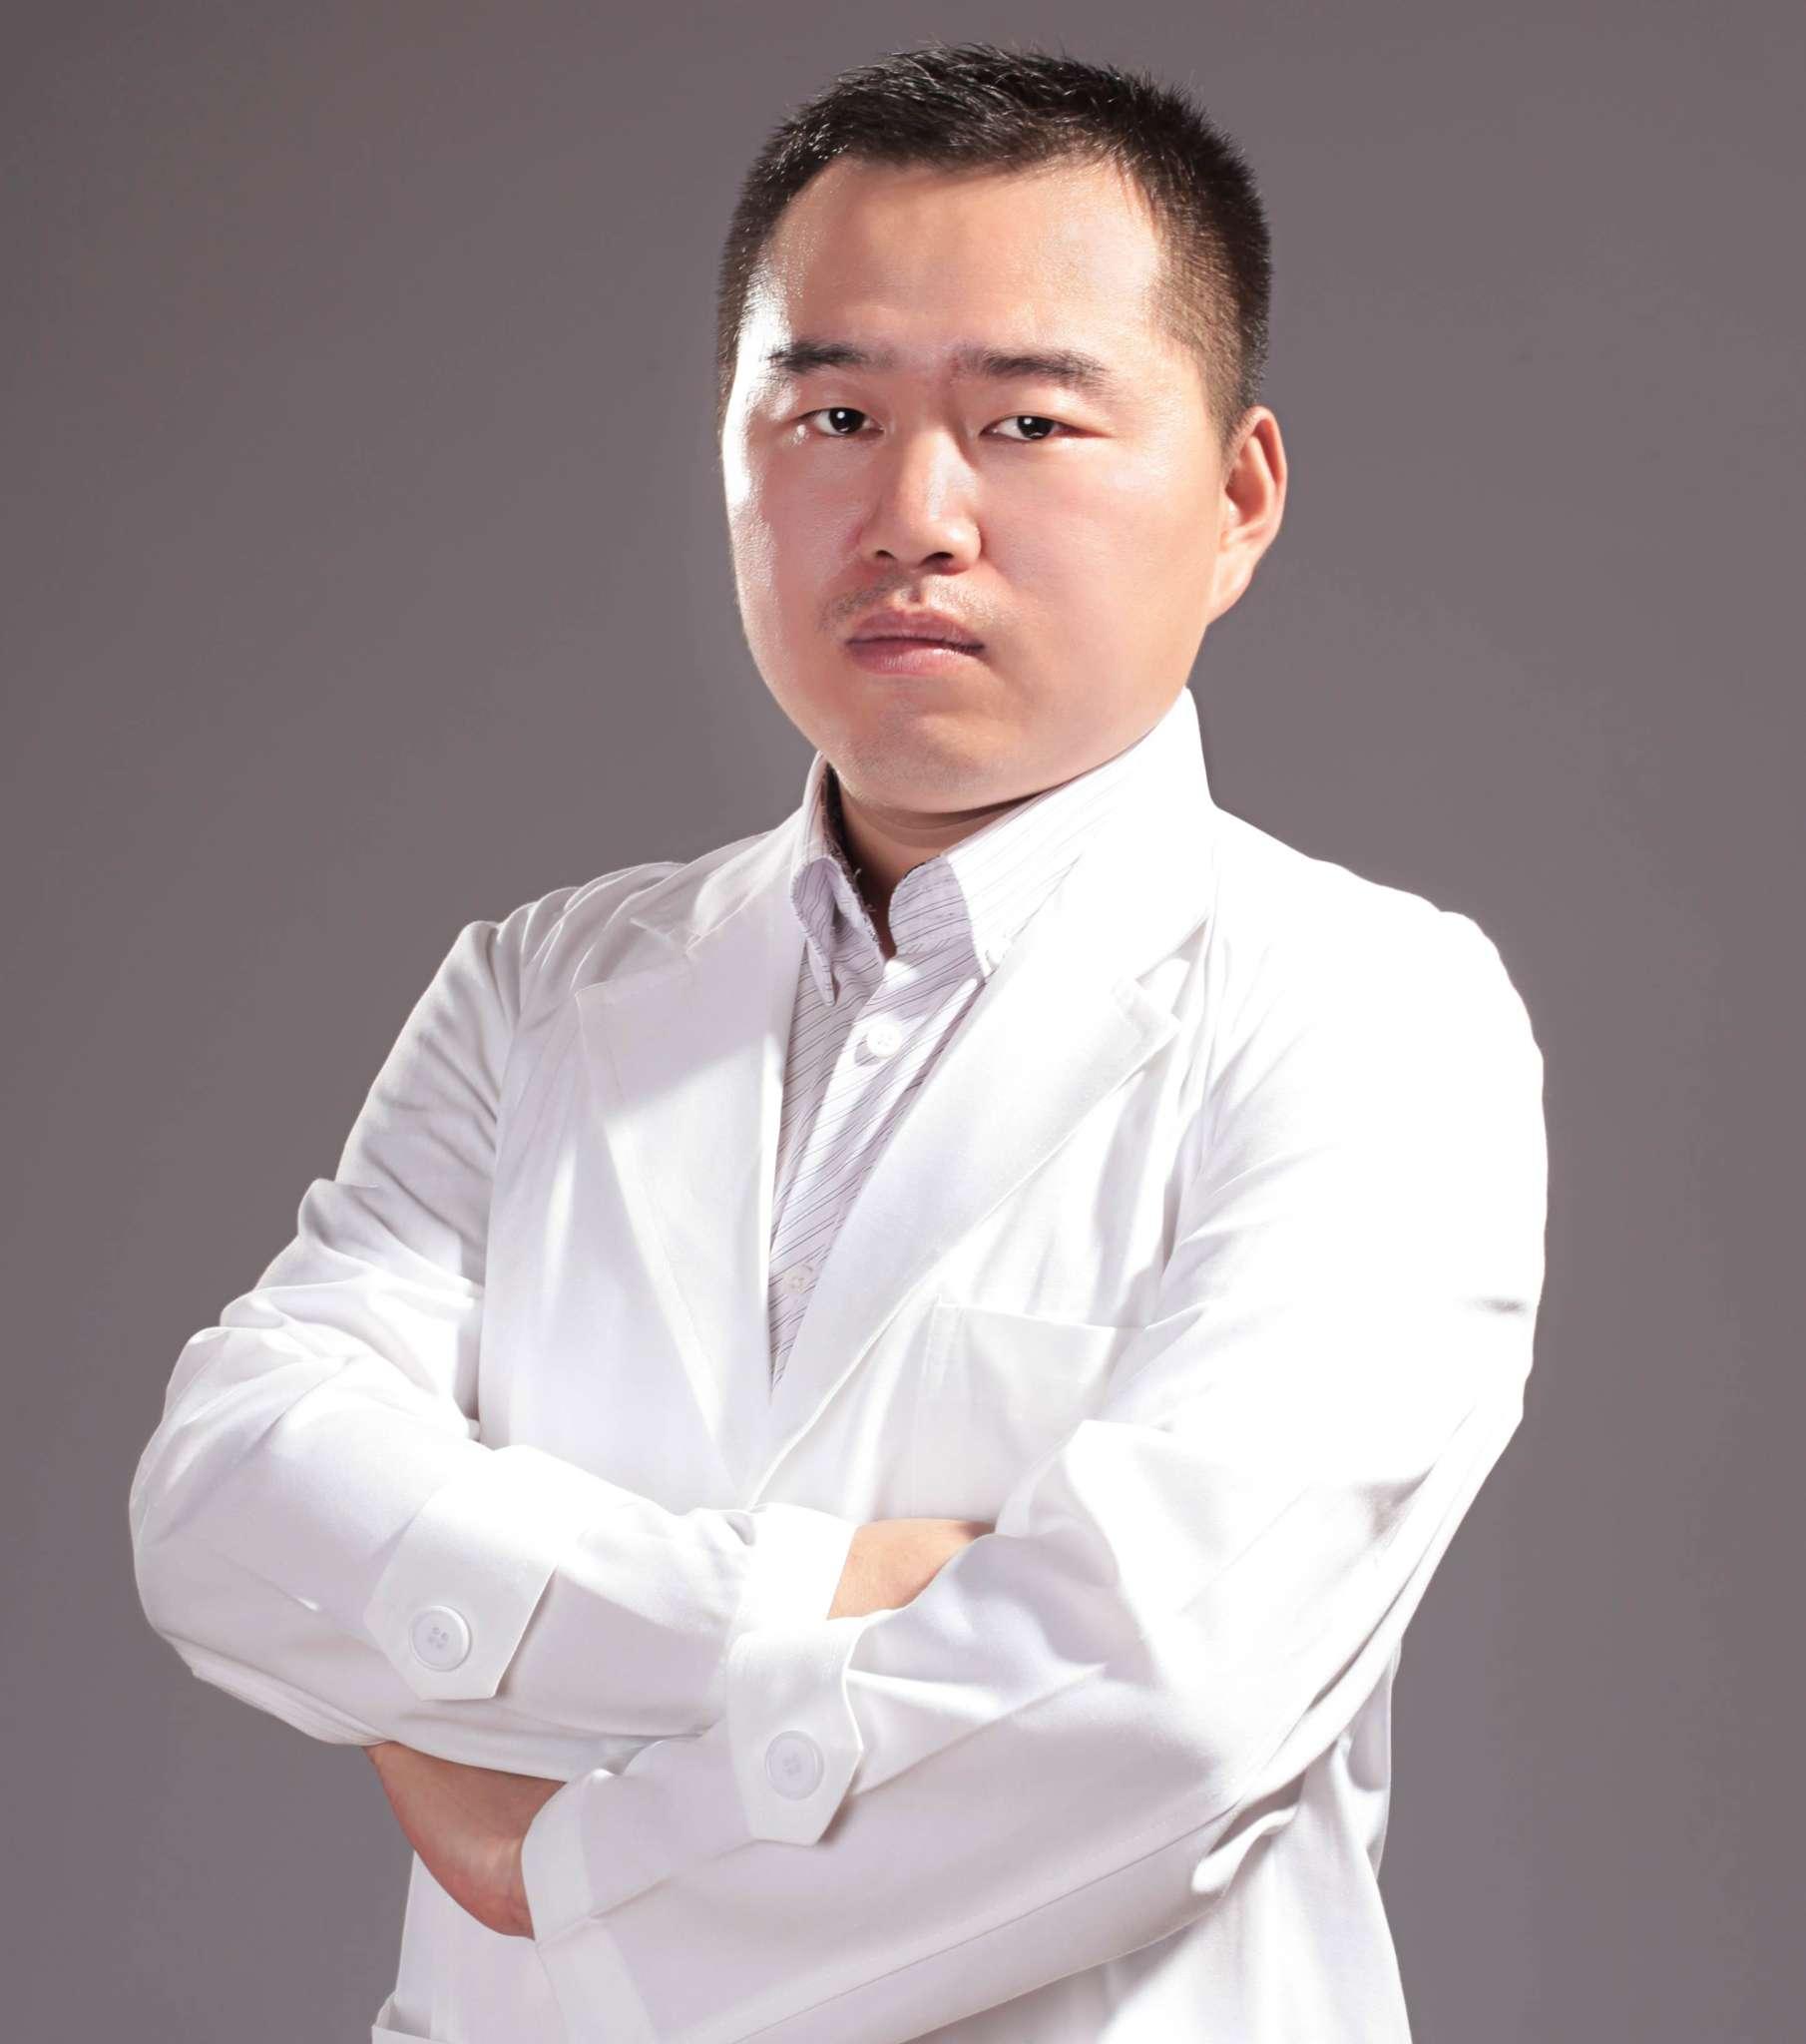 靳建伟 - 秦皇岛京美口腔医院-北京专家团队专属医院